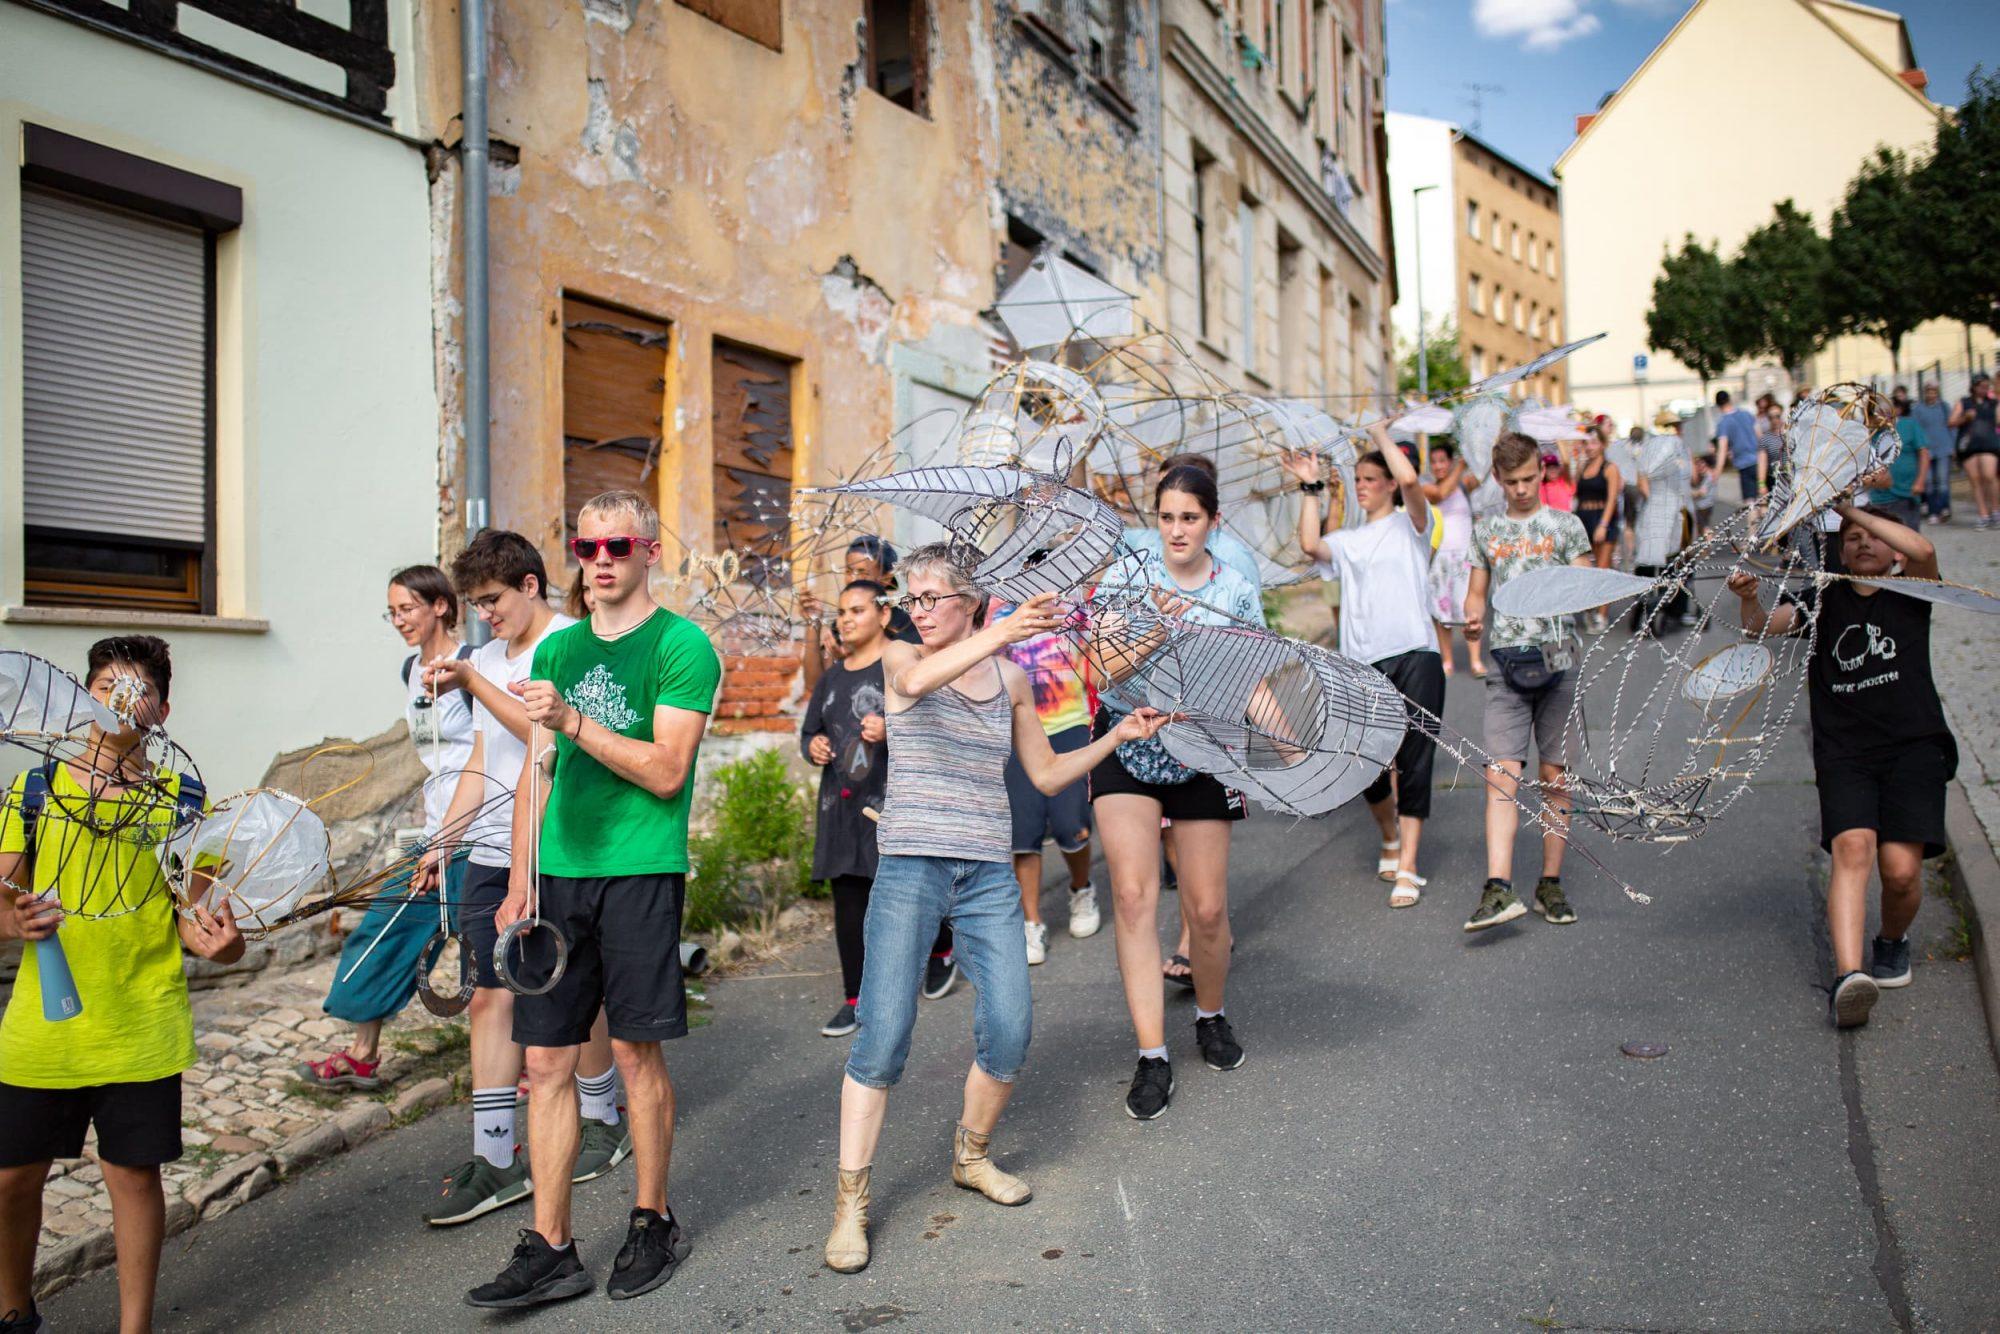 Kinder- und Jugendliche in der Scharrenstraße Zeitz.